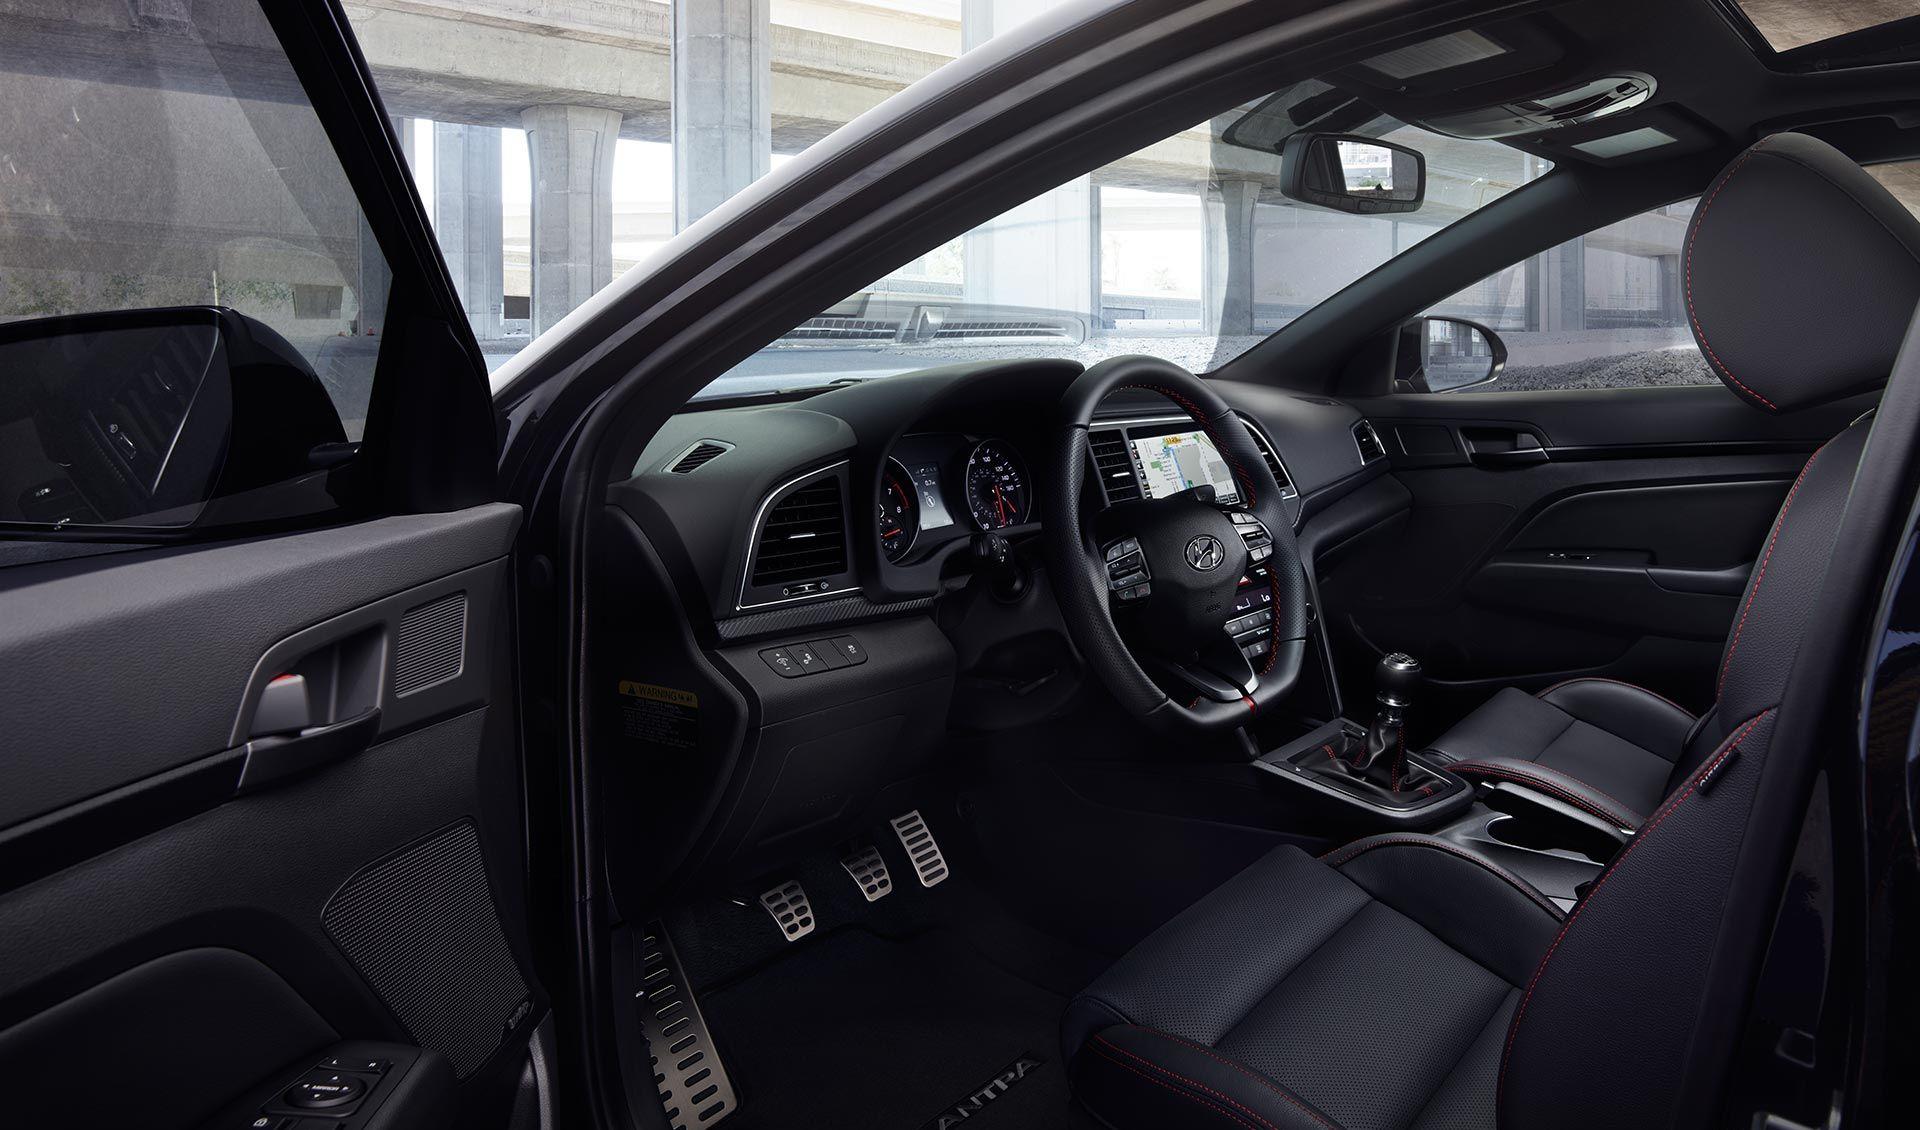 Hyundai Elantra: Seat warmer (if equipped)